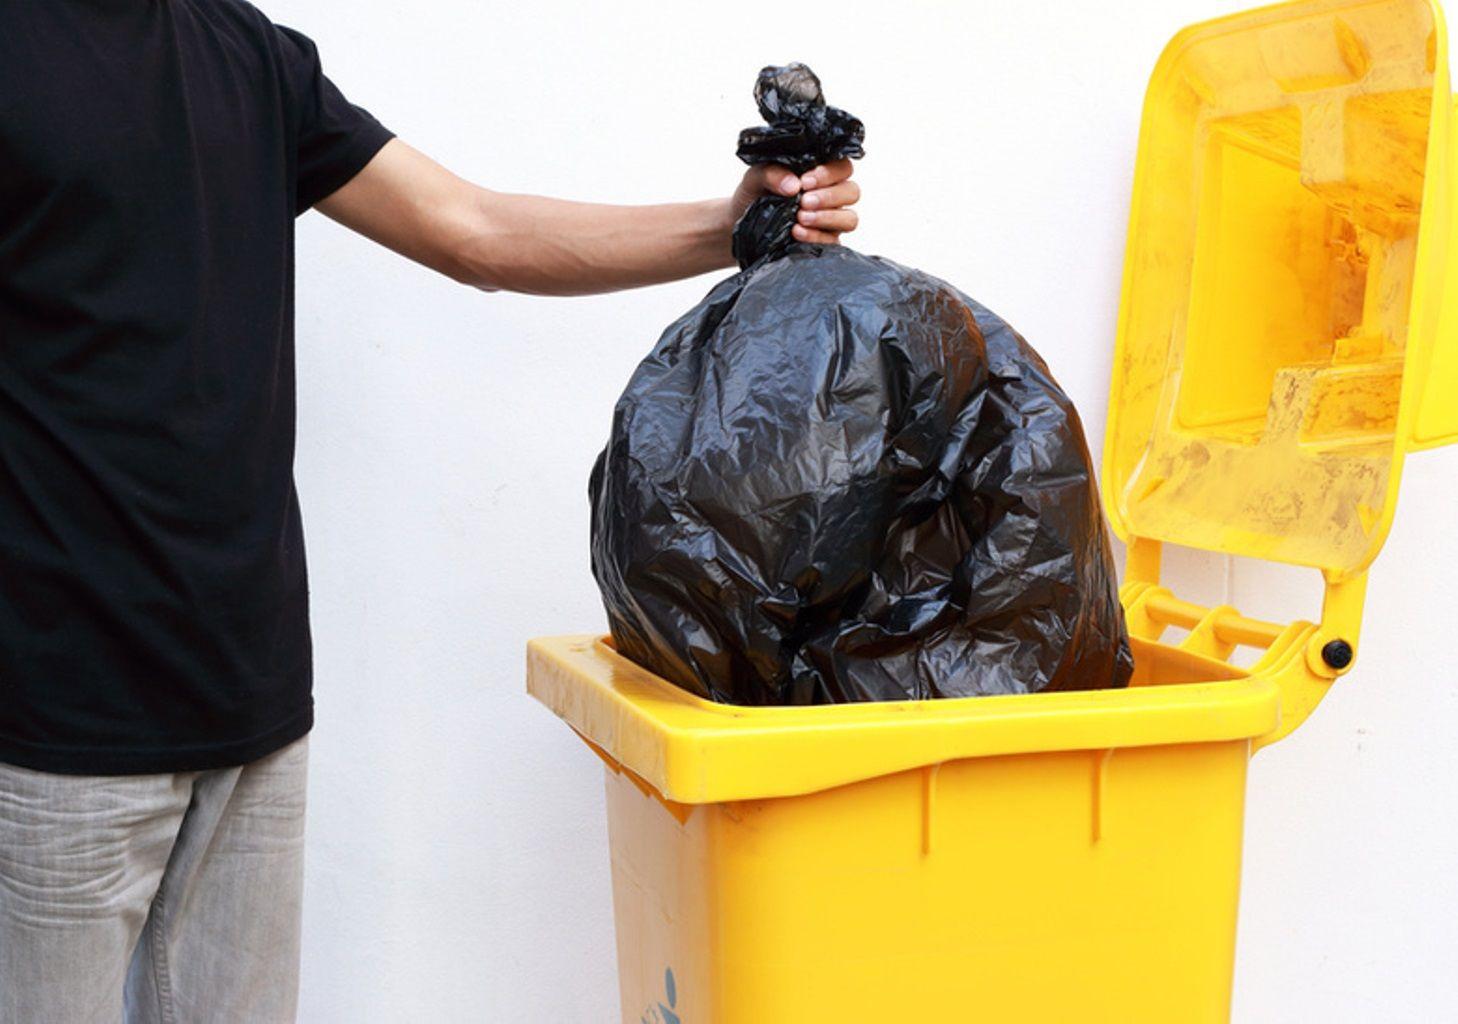 Выбрасывать мусор: приметы. почему нельзя выносить мусор вечером, на ночь: древние приметы и современная трактовка